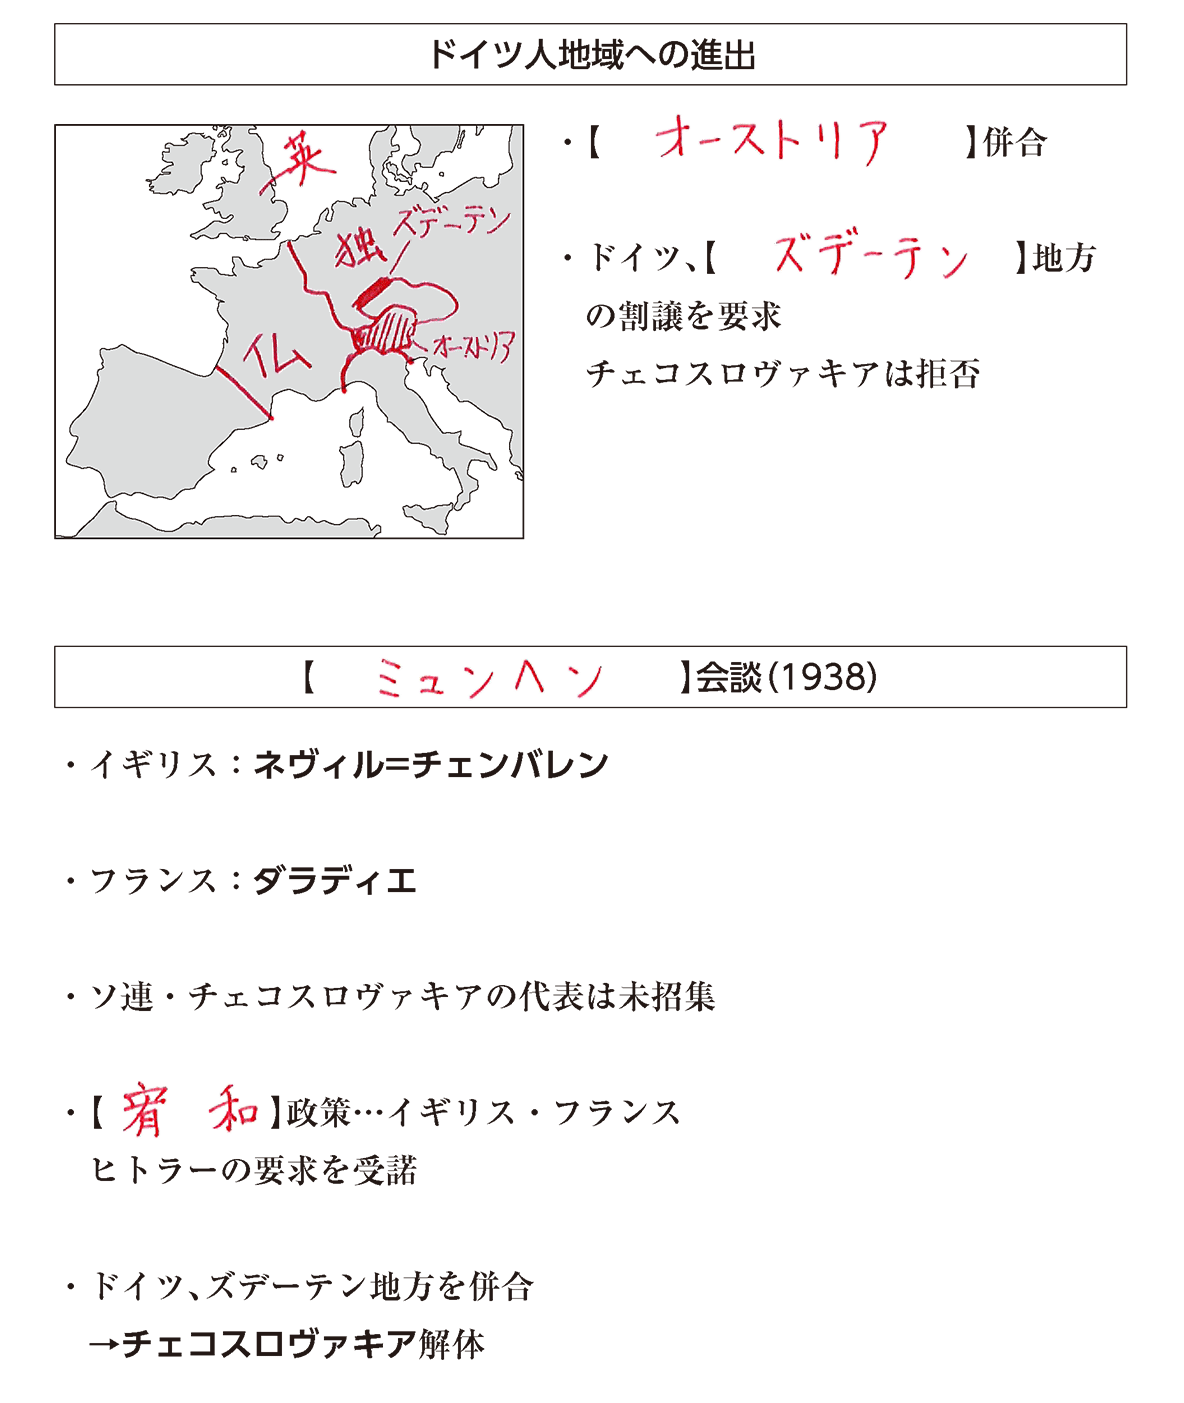 世界恐慌とファシズム諸国の侵略7 ポイント1 答え全部